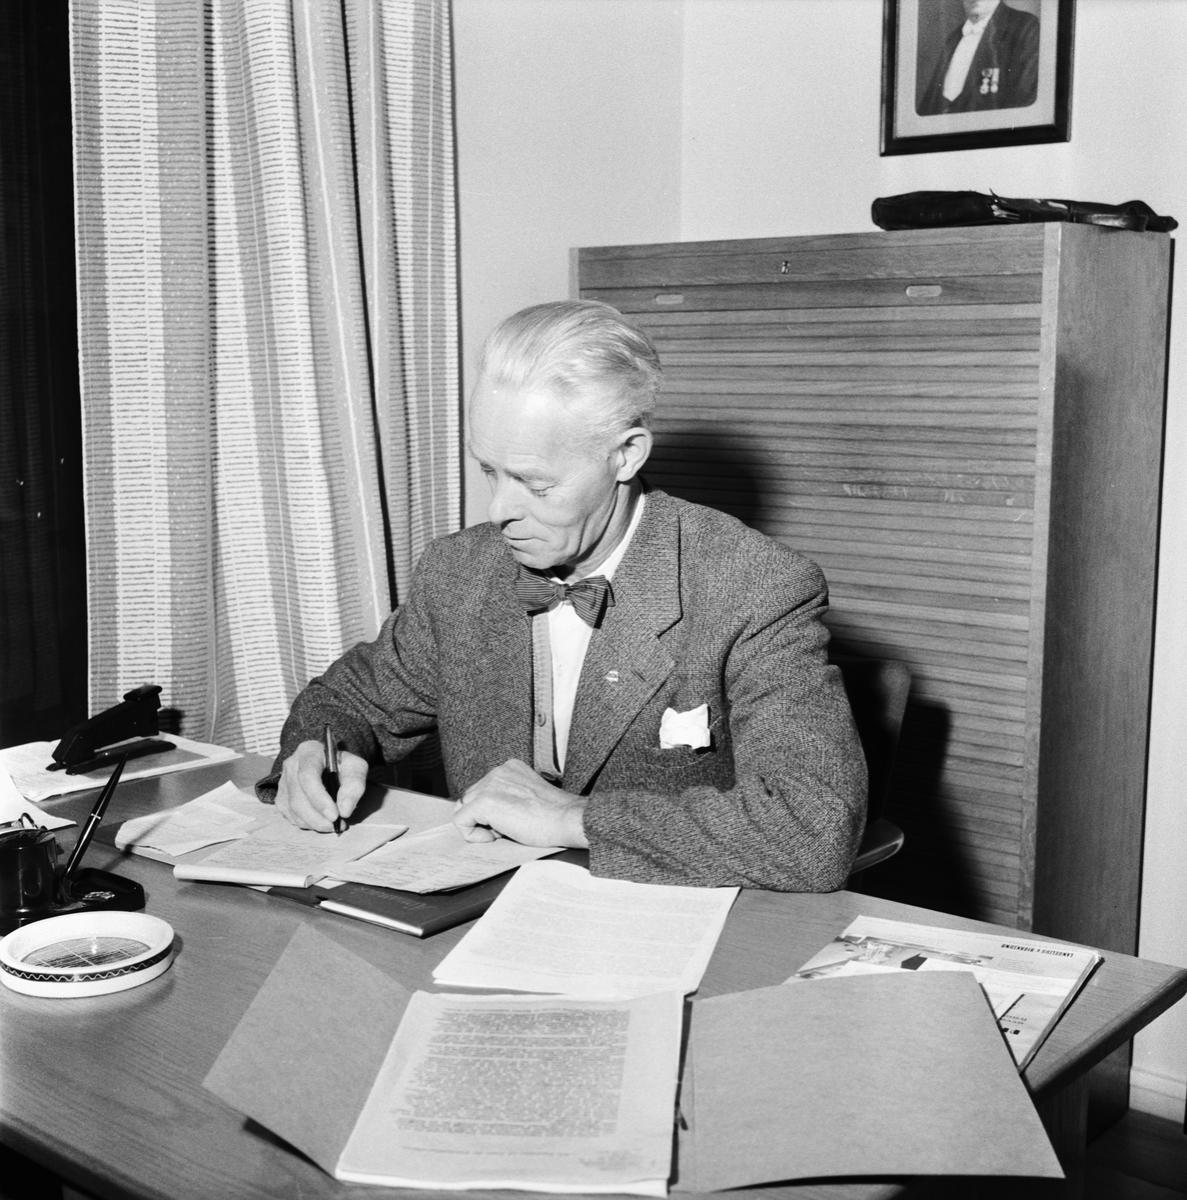 Övrigt: Foto datum: 9/9 1957 Byggnader och kranar FCTF:s nya lokaler styrelsemöte